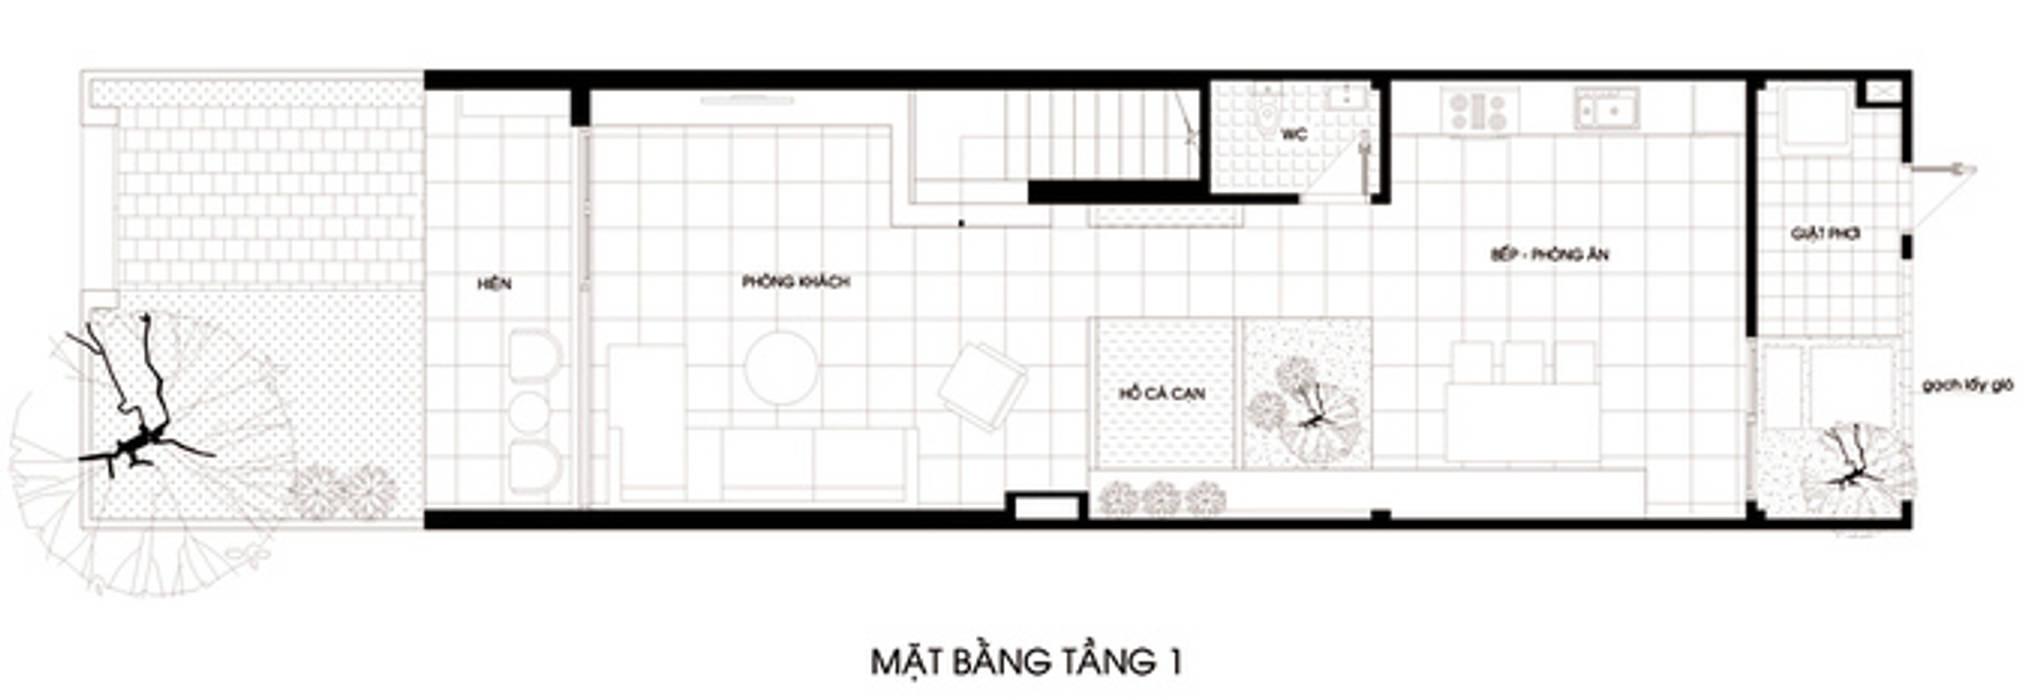 Thiết kế bản vẽ mặt bằng nhà ống 2 tầng bởi Công ty TNHH Xây Dựng TM – DV Song Phát Hiện đại